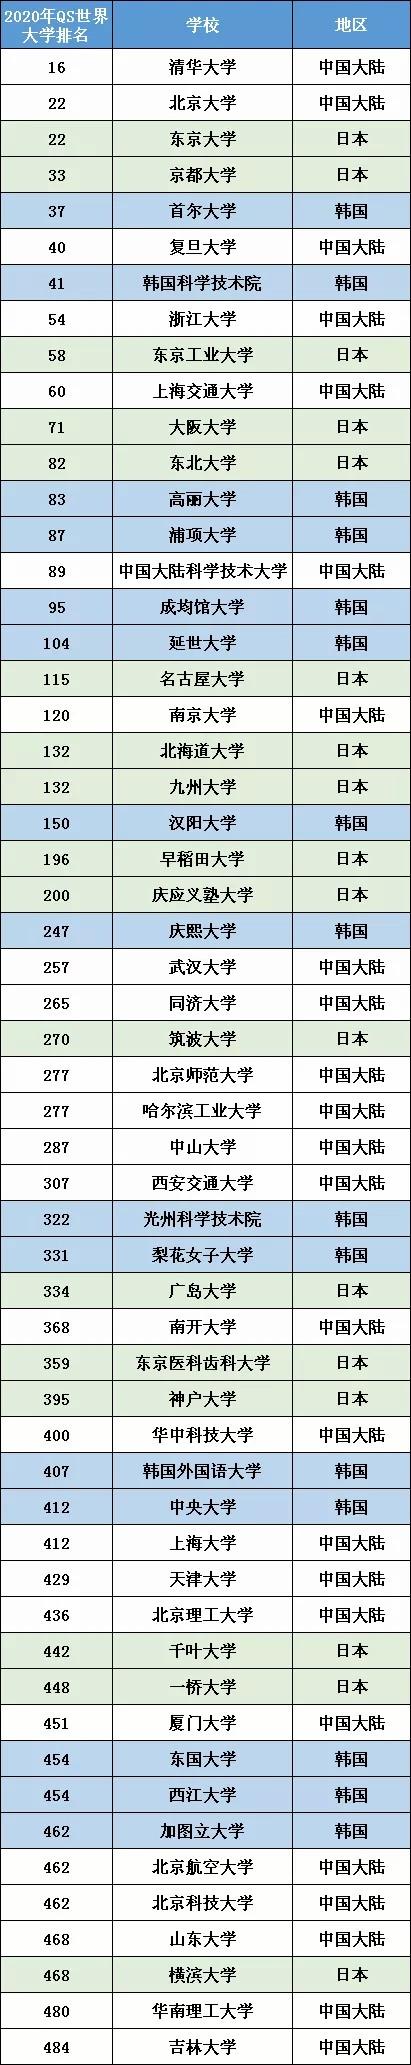 日韓留學大PK:這倆個亞洲留學大國,你會選擇哪個?